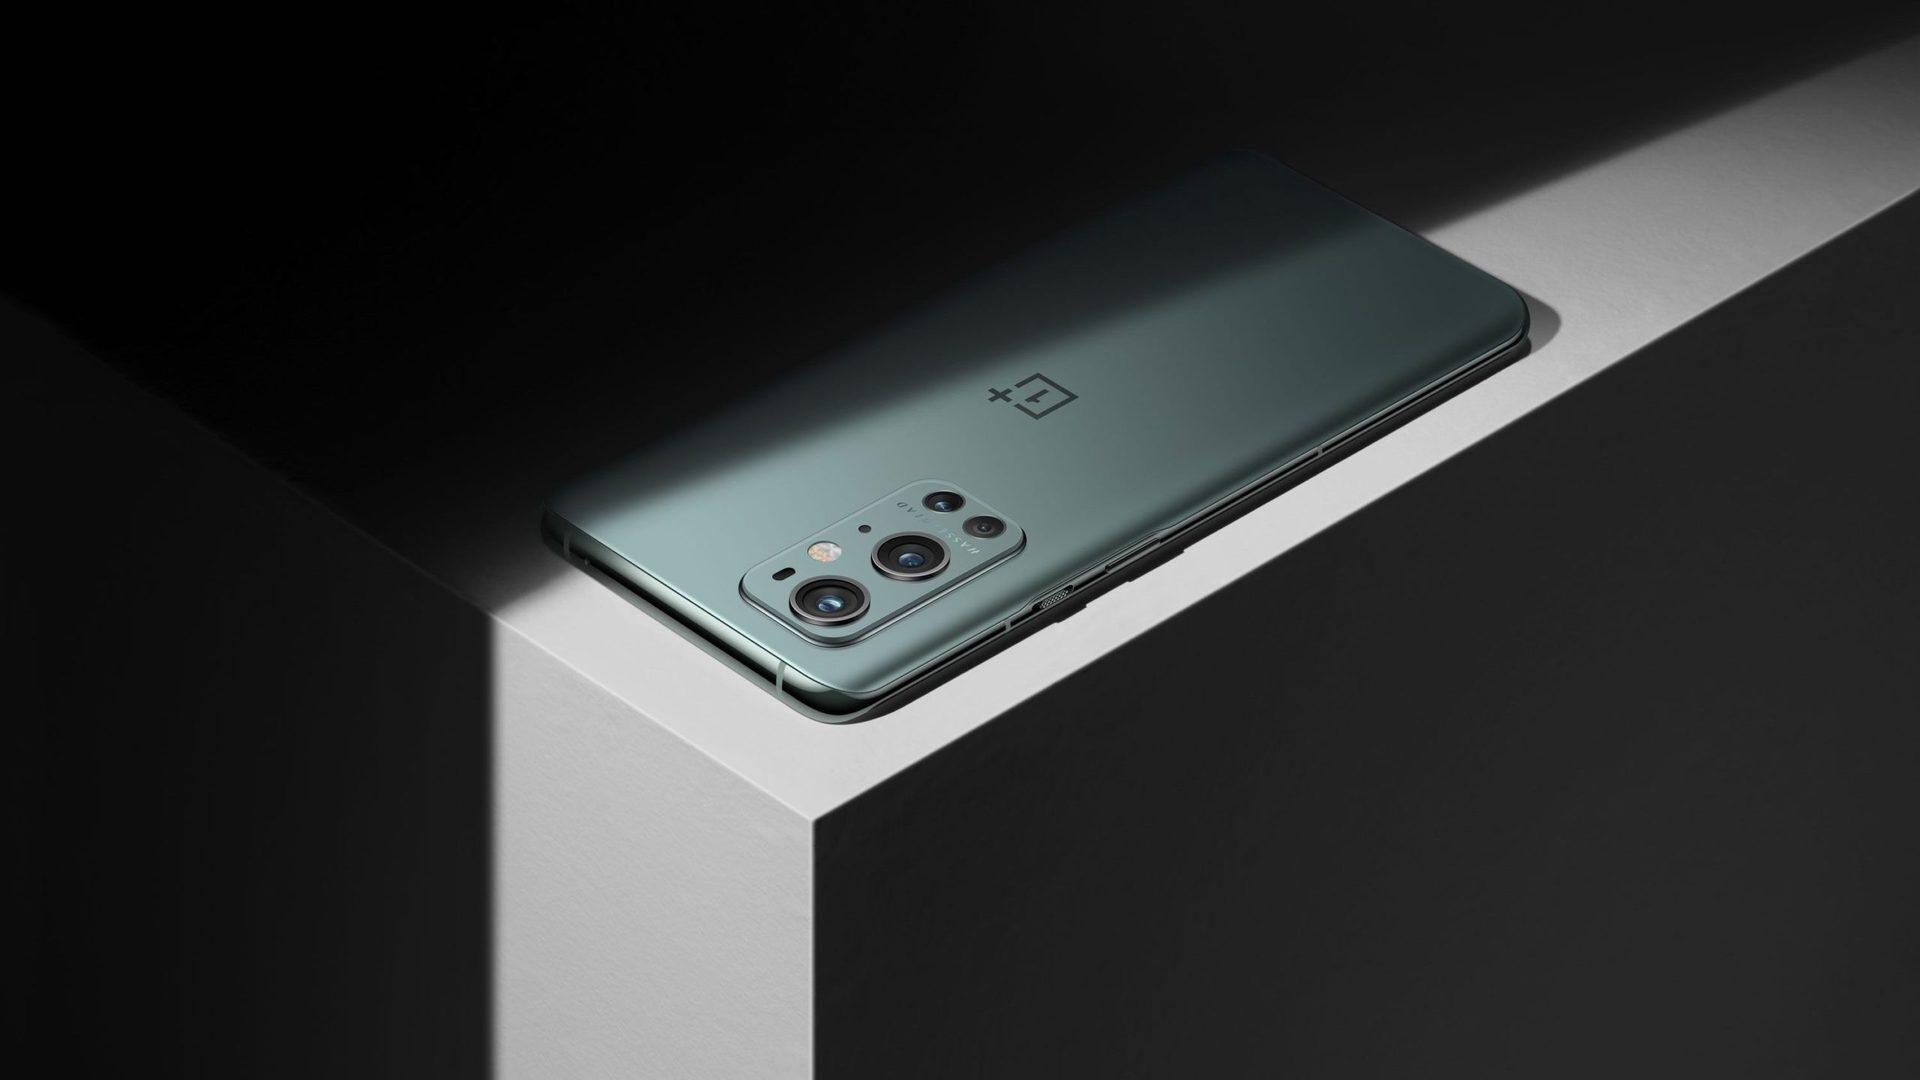 Раскрыты характеристики нового недорогого смартфона OnePlus с 90 Гц дисплеем и 50 Мп камерой